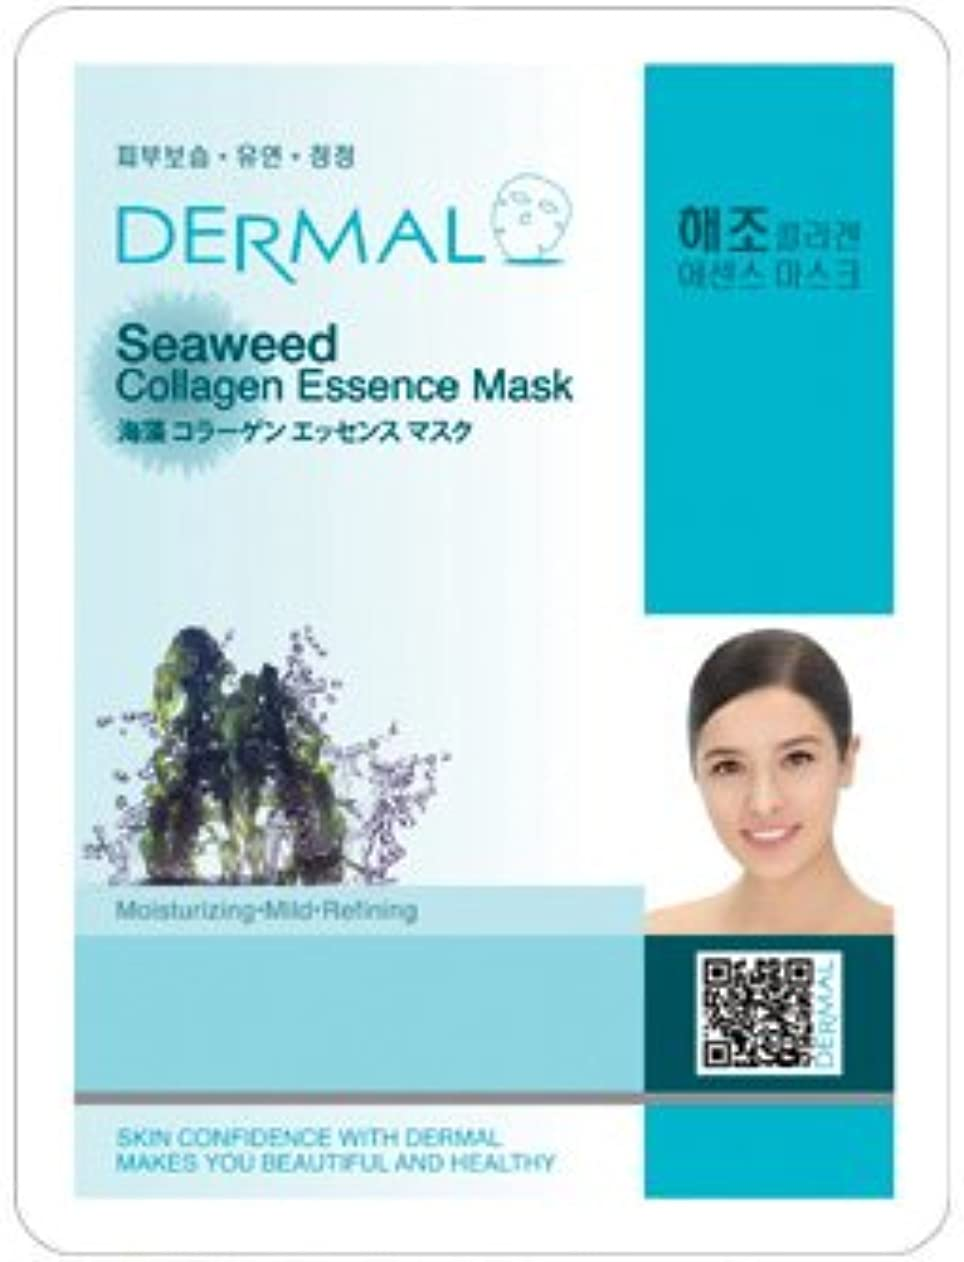 何故なのバズ一時解雇するシートマスク 海藻 10枚セット ダーマル(Dermal) フェイス パック